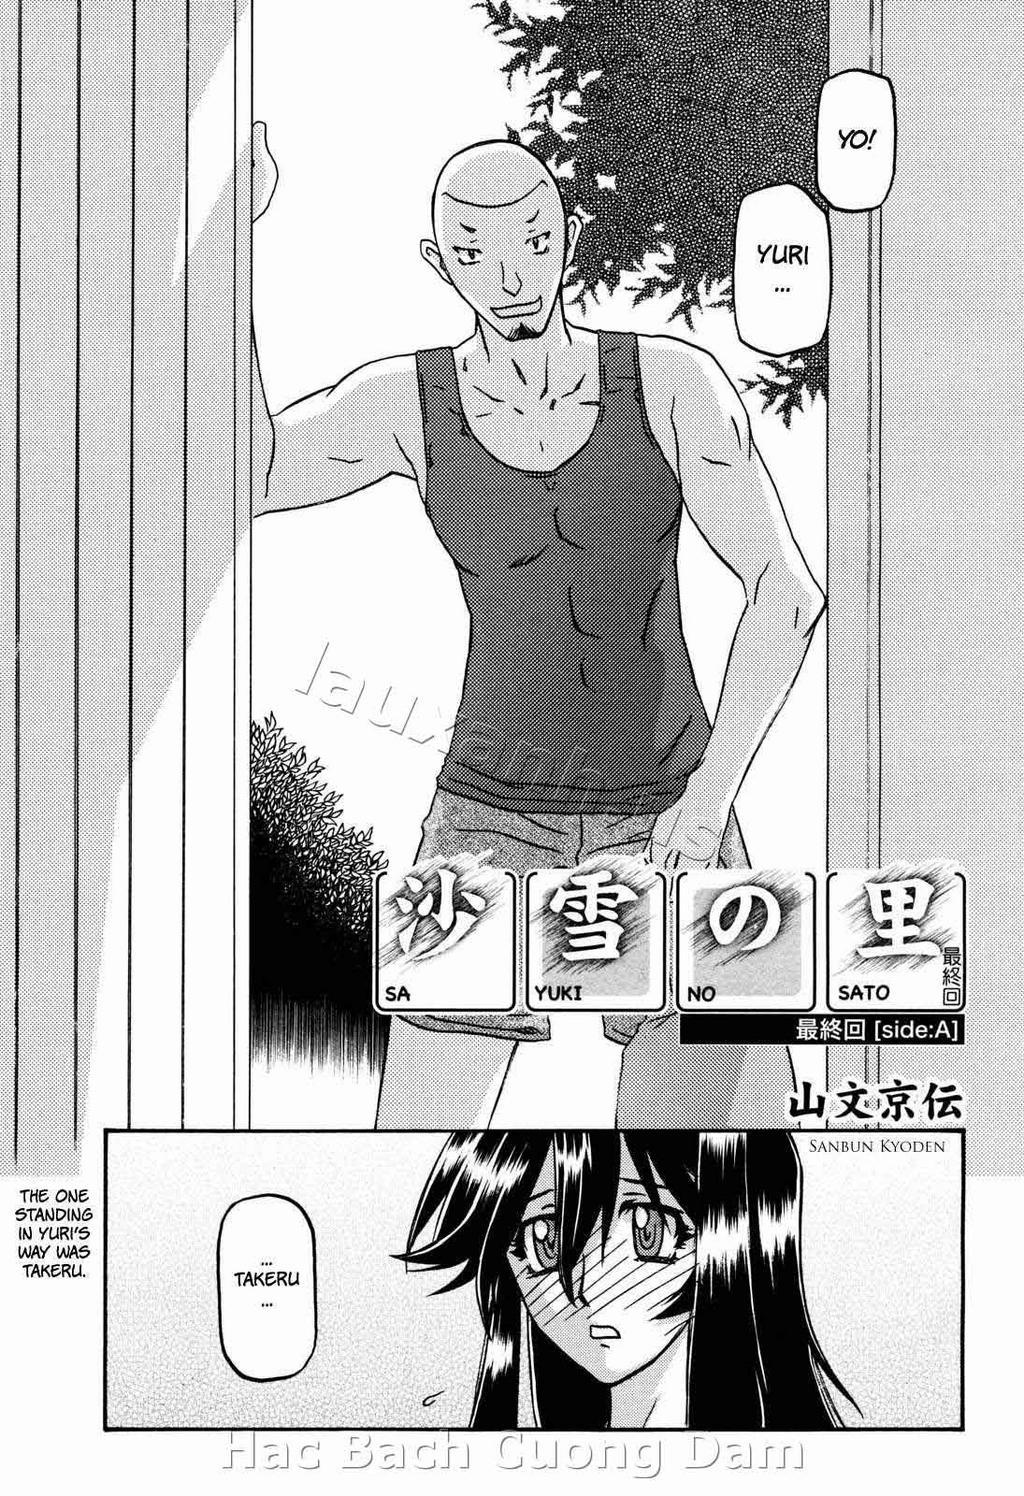 Hình ảnh hentailxers.blogspot.com0150 trong bài viết Manga H Sayuki no Sato